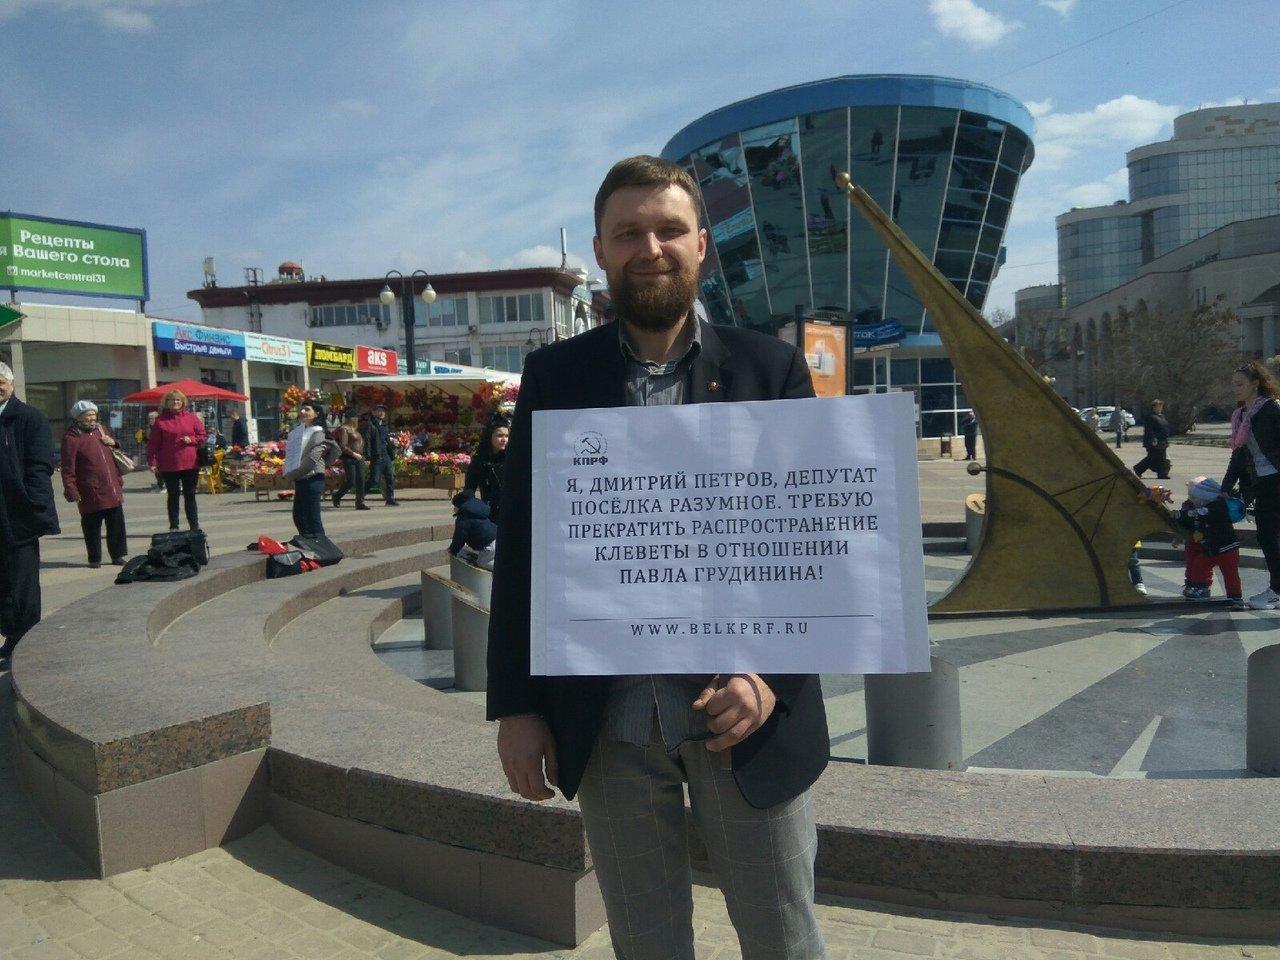 Белгородские депутаты вышли на пикет в защиту Павла Грудинина, фото-3, Фото Дарьи Клоповской